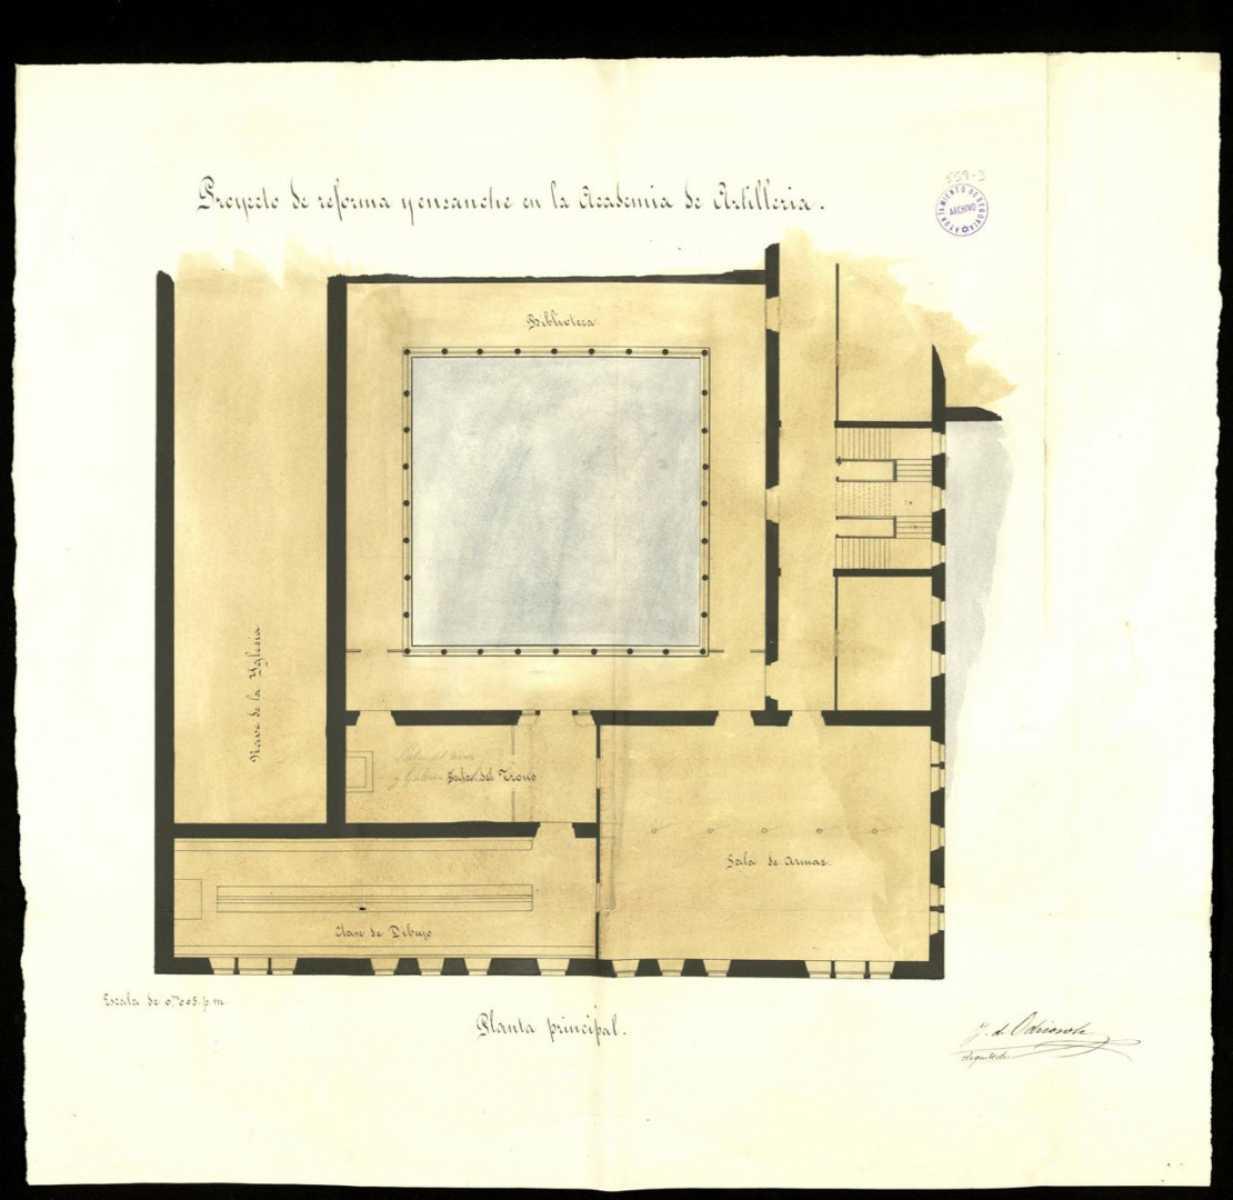 23.- Archico Municipal de Segovia, signatura 559-3